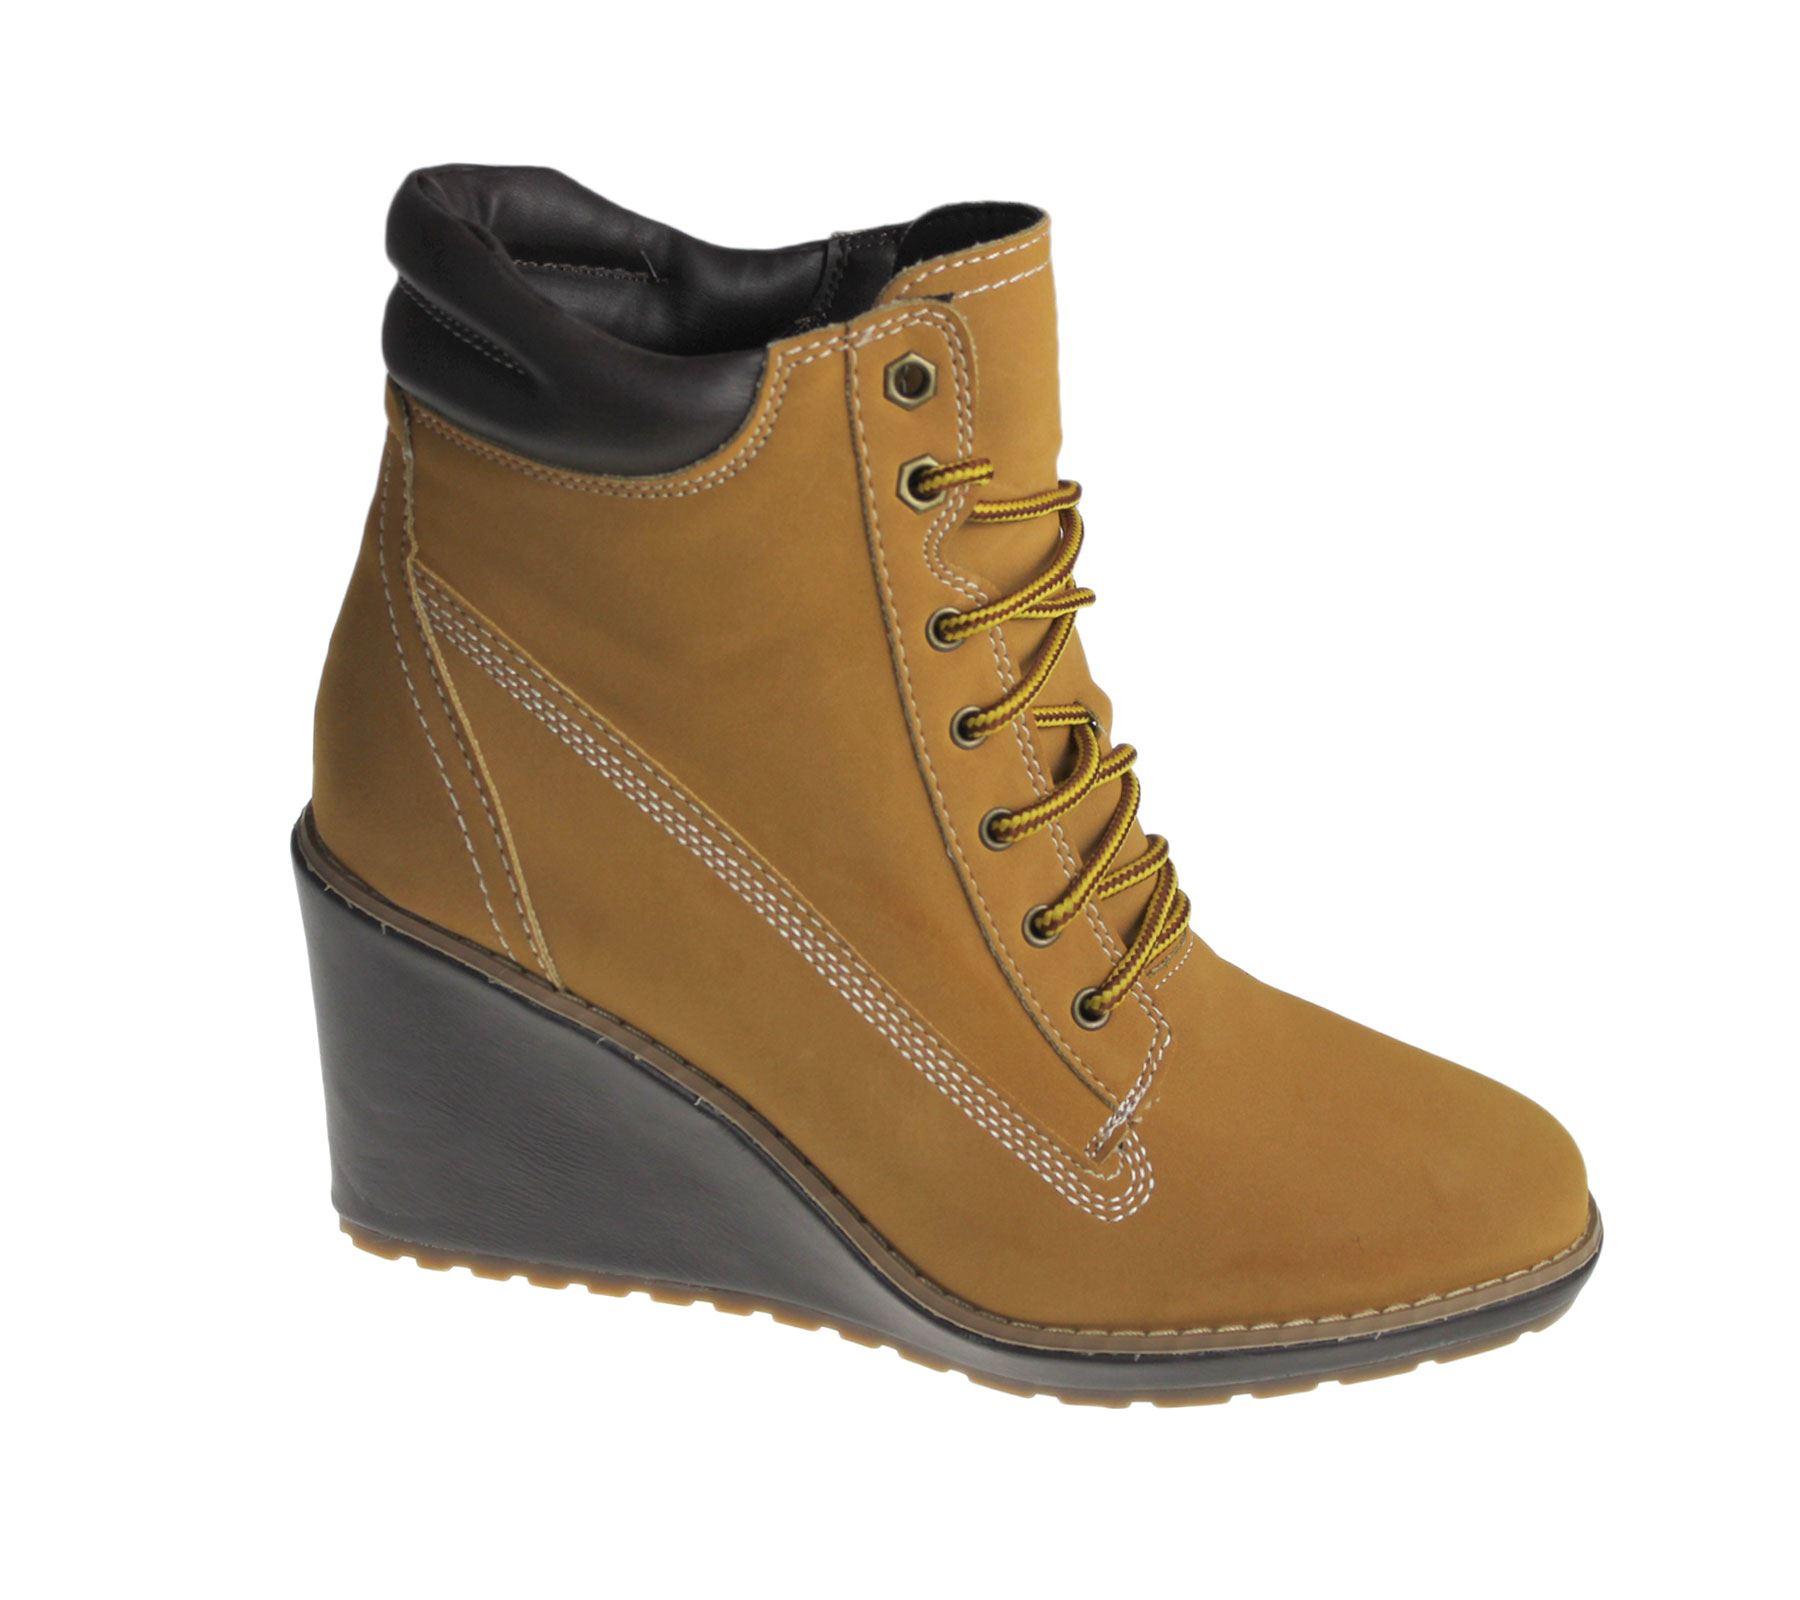 Womens Wedge Heel Boots Ladies High Top Desert Winter